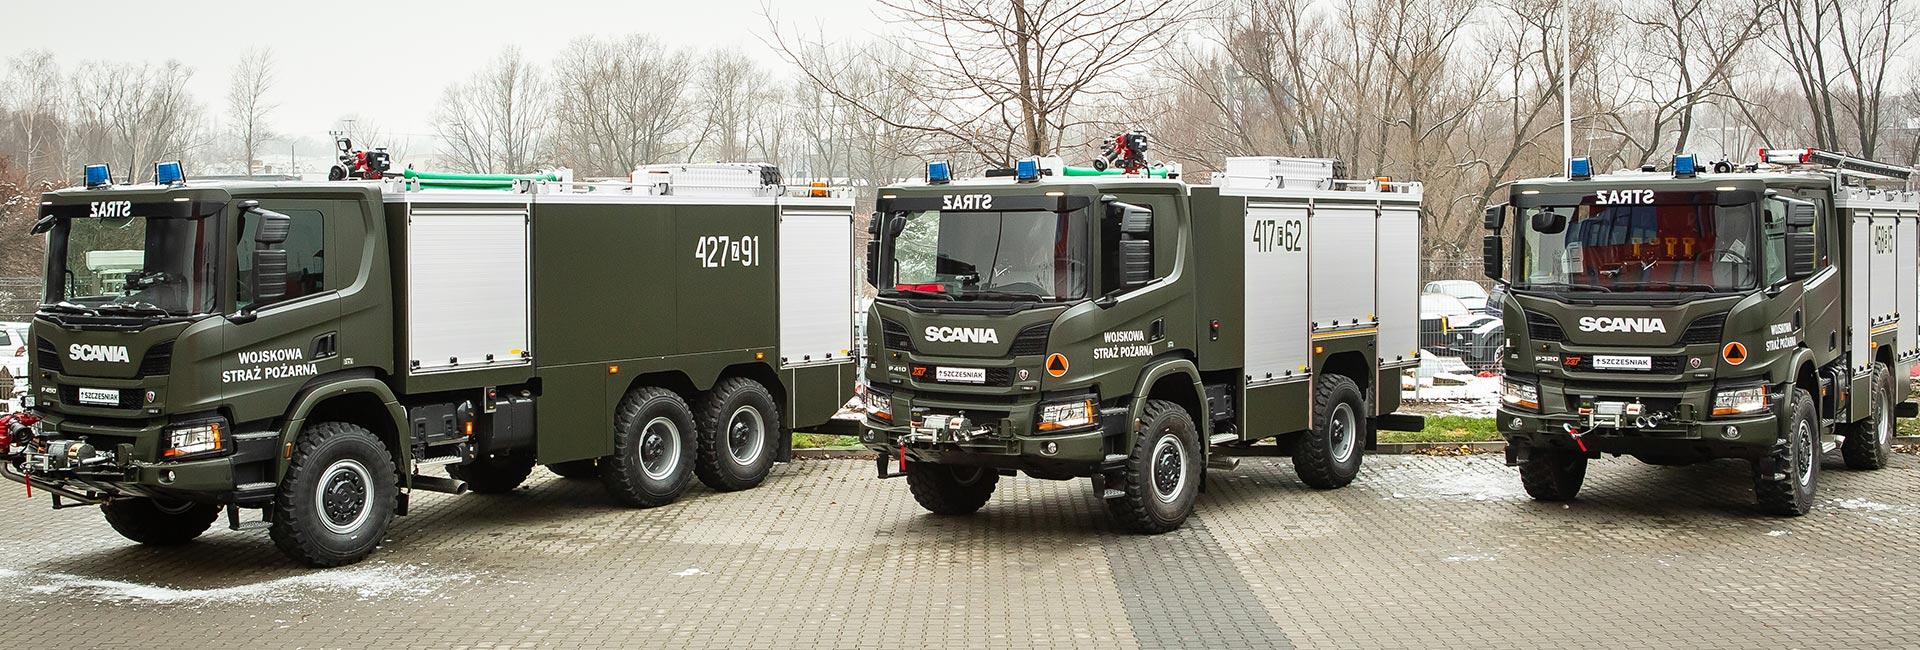 Szczęsniak Pojazdy Wojskowe